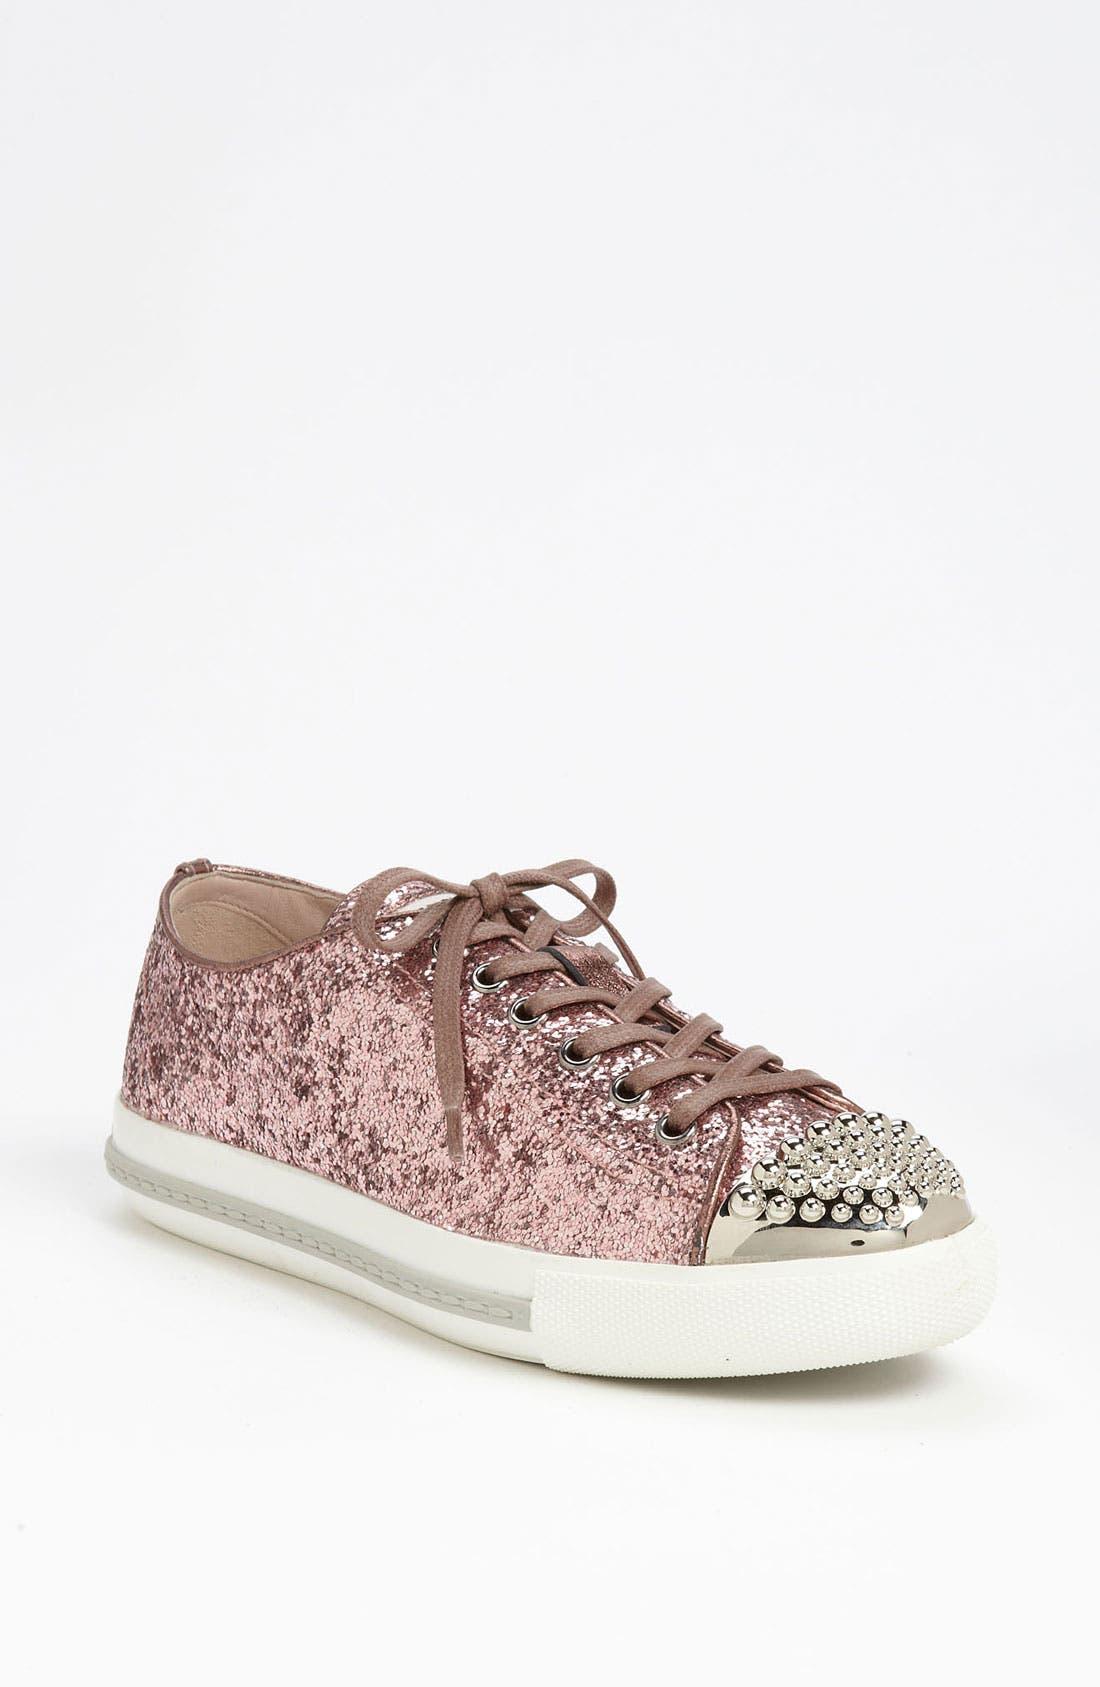 Alternate Image 1 Selected - Miu Miu Glitter Cap Toe Sneaker